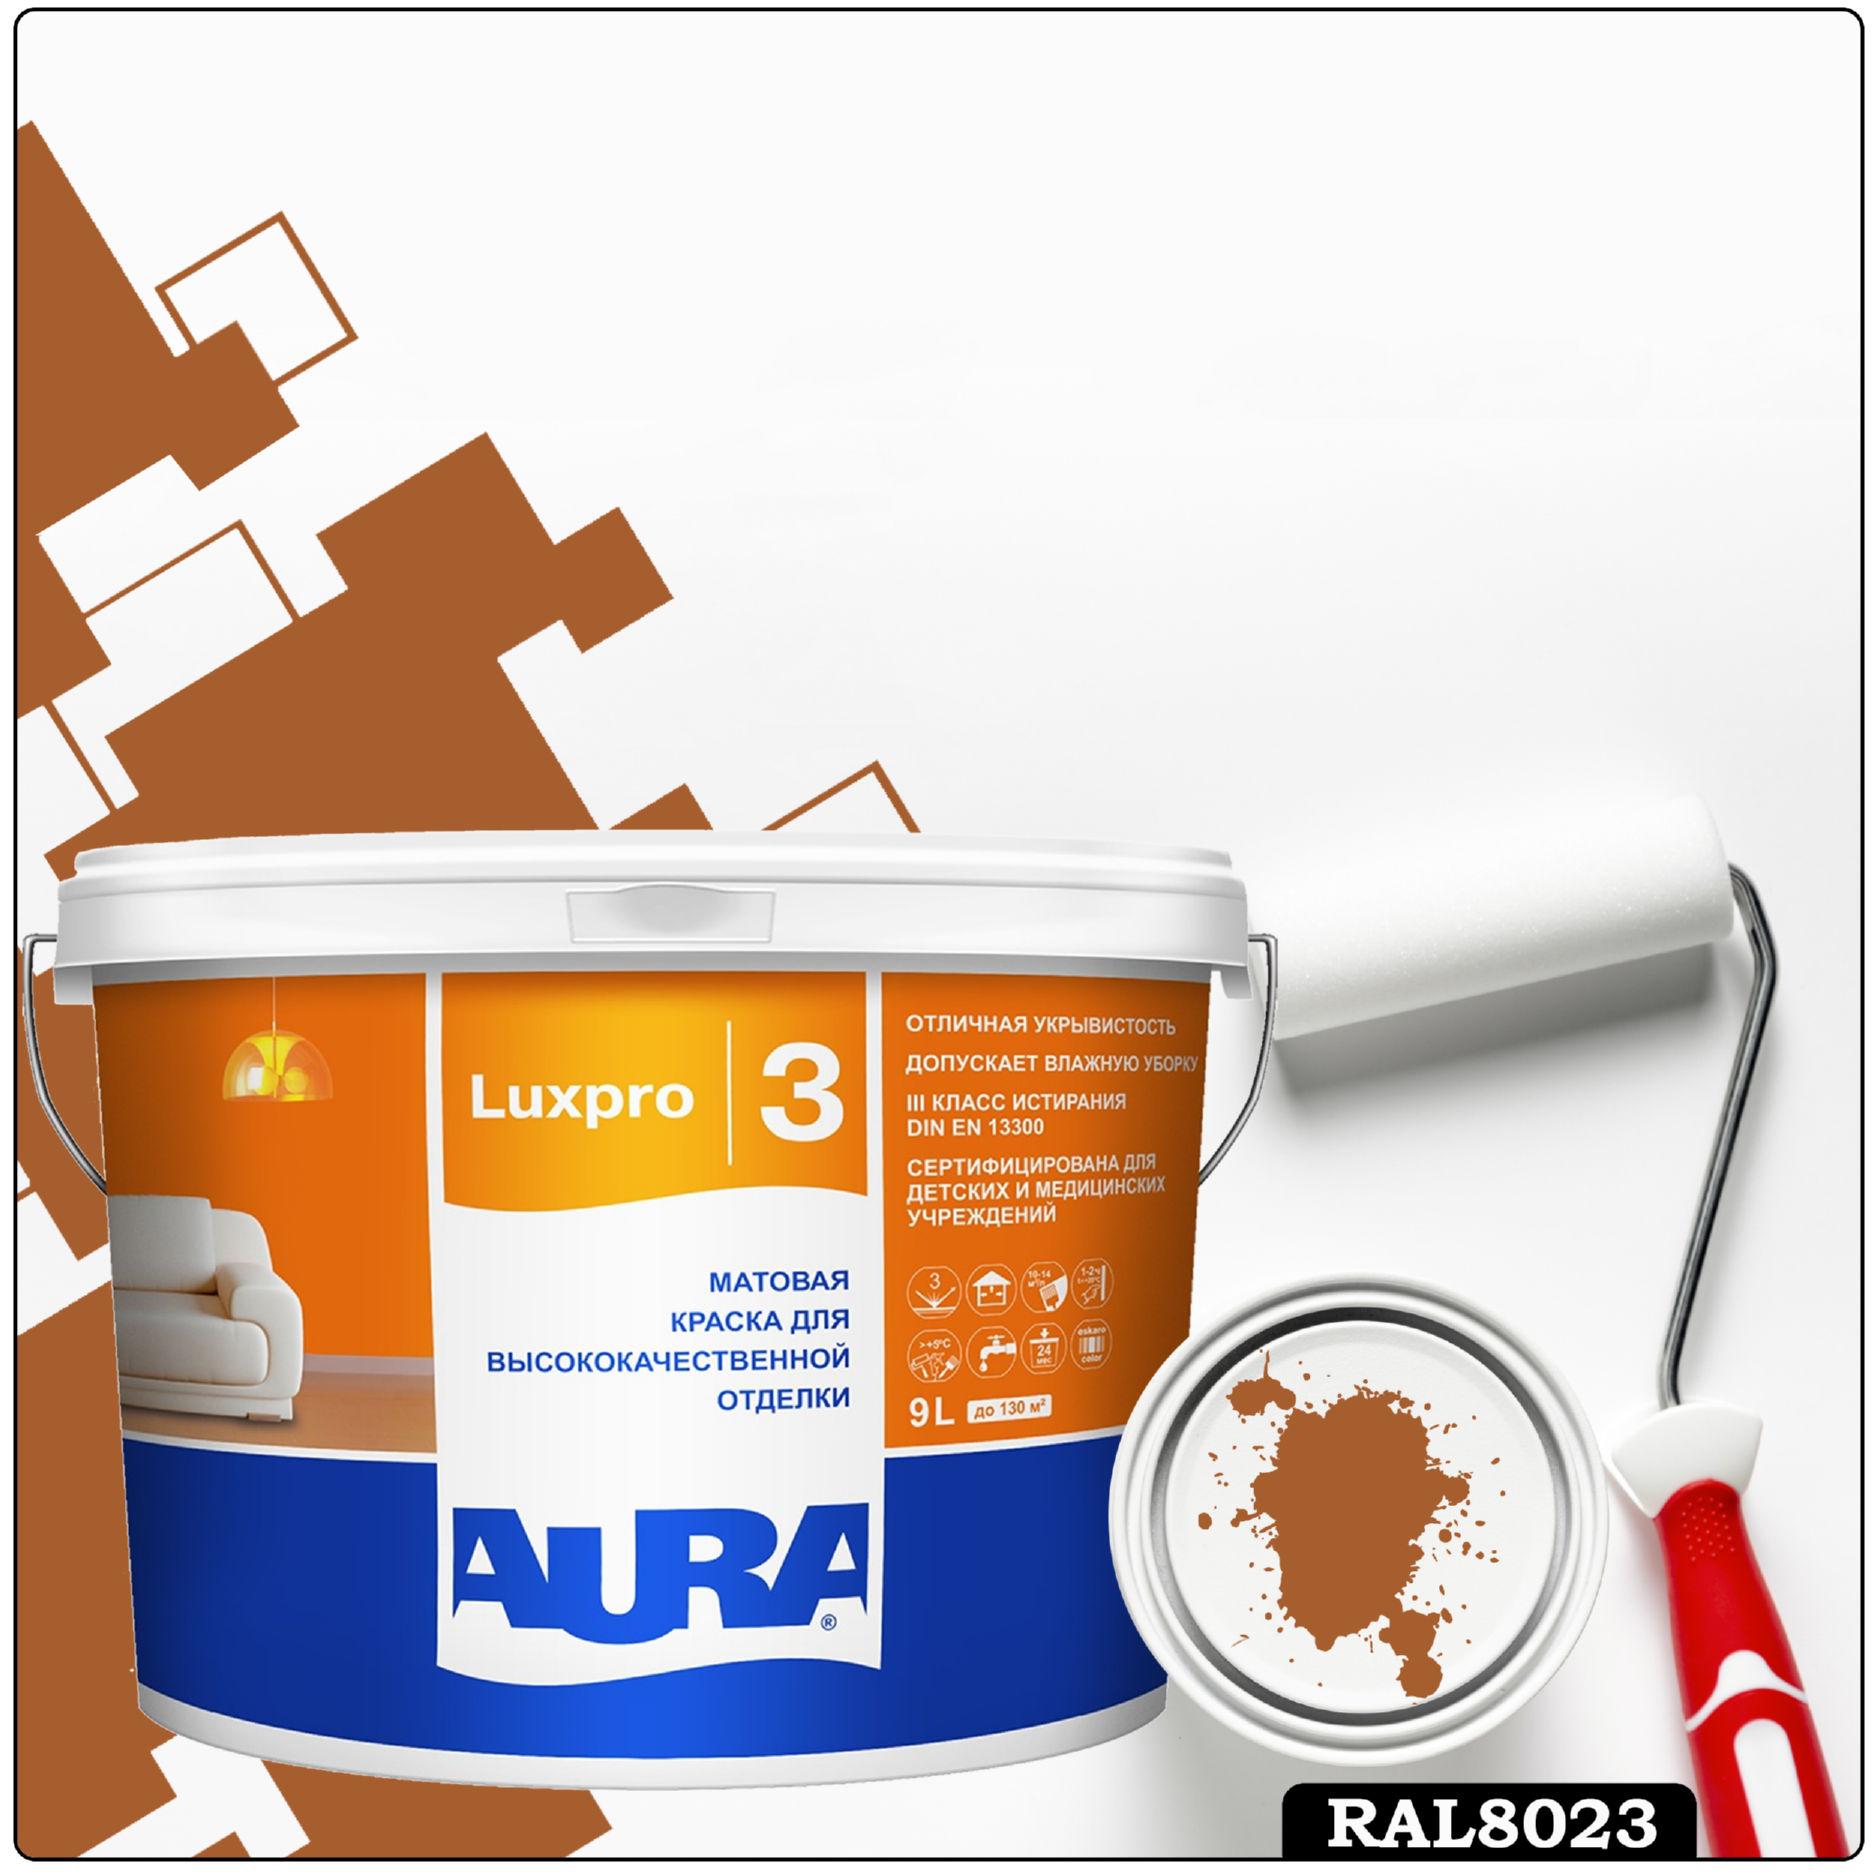 Фото 16 - Краска Aura LuxPRO 3, RAL 8023 Оранжево-коричневый, латексная, шелково-матовая, интерьерная, 9л, Аура.